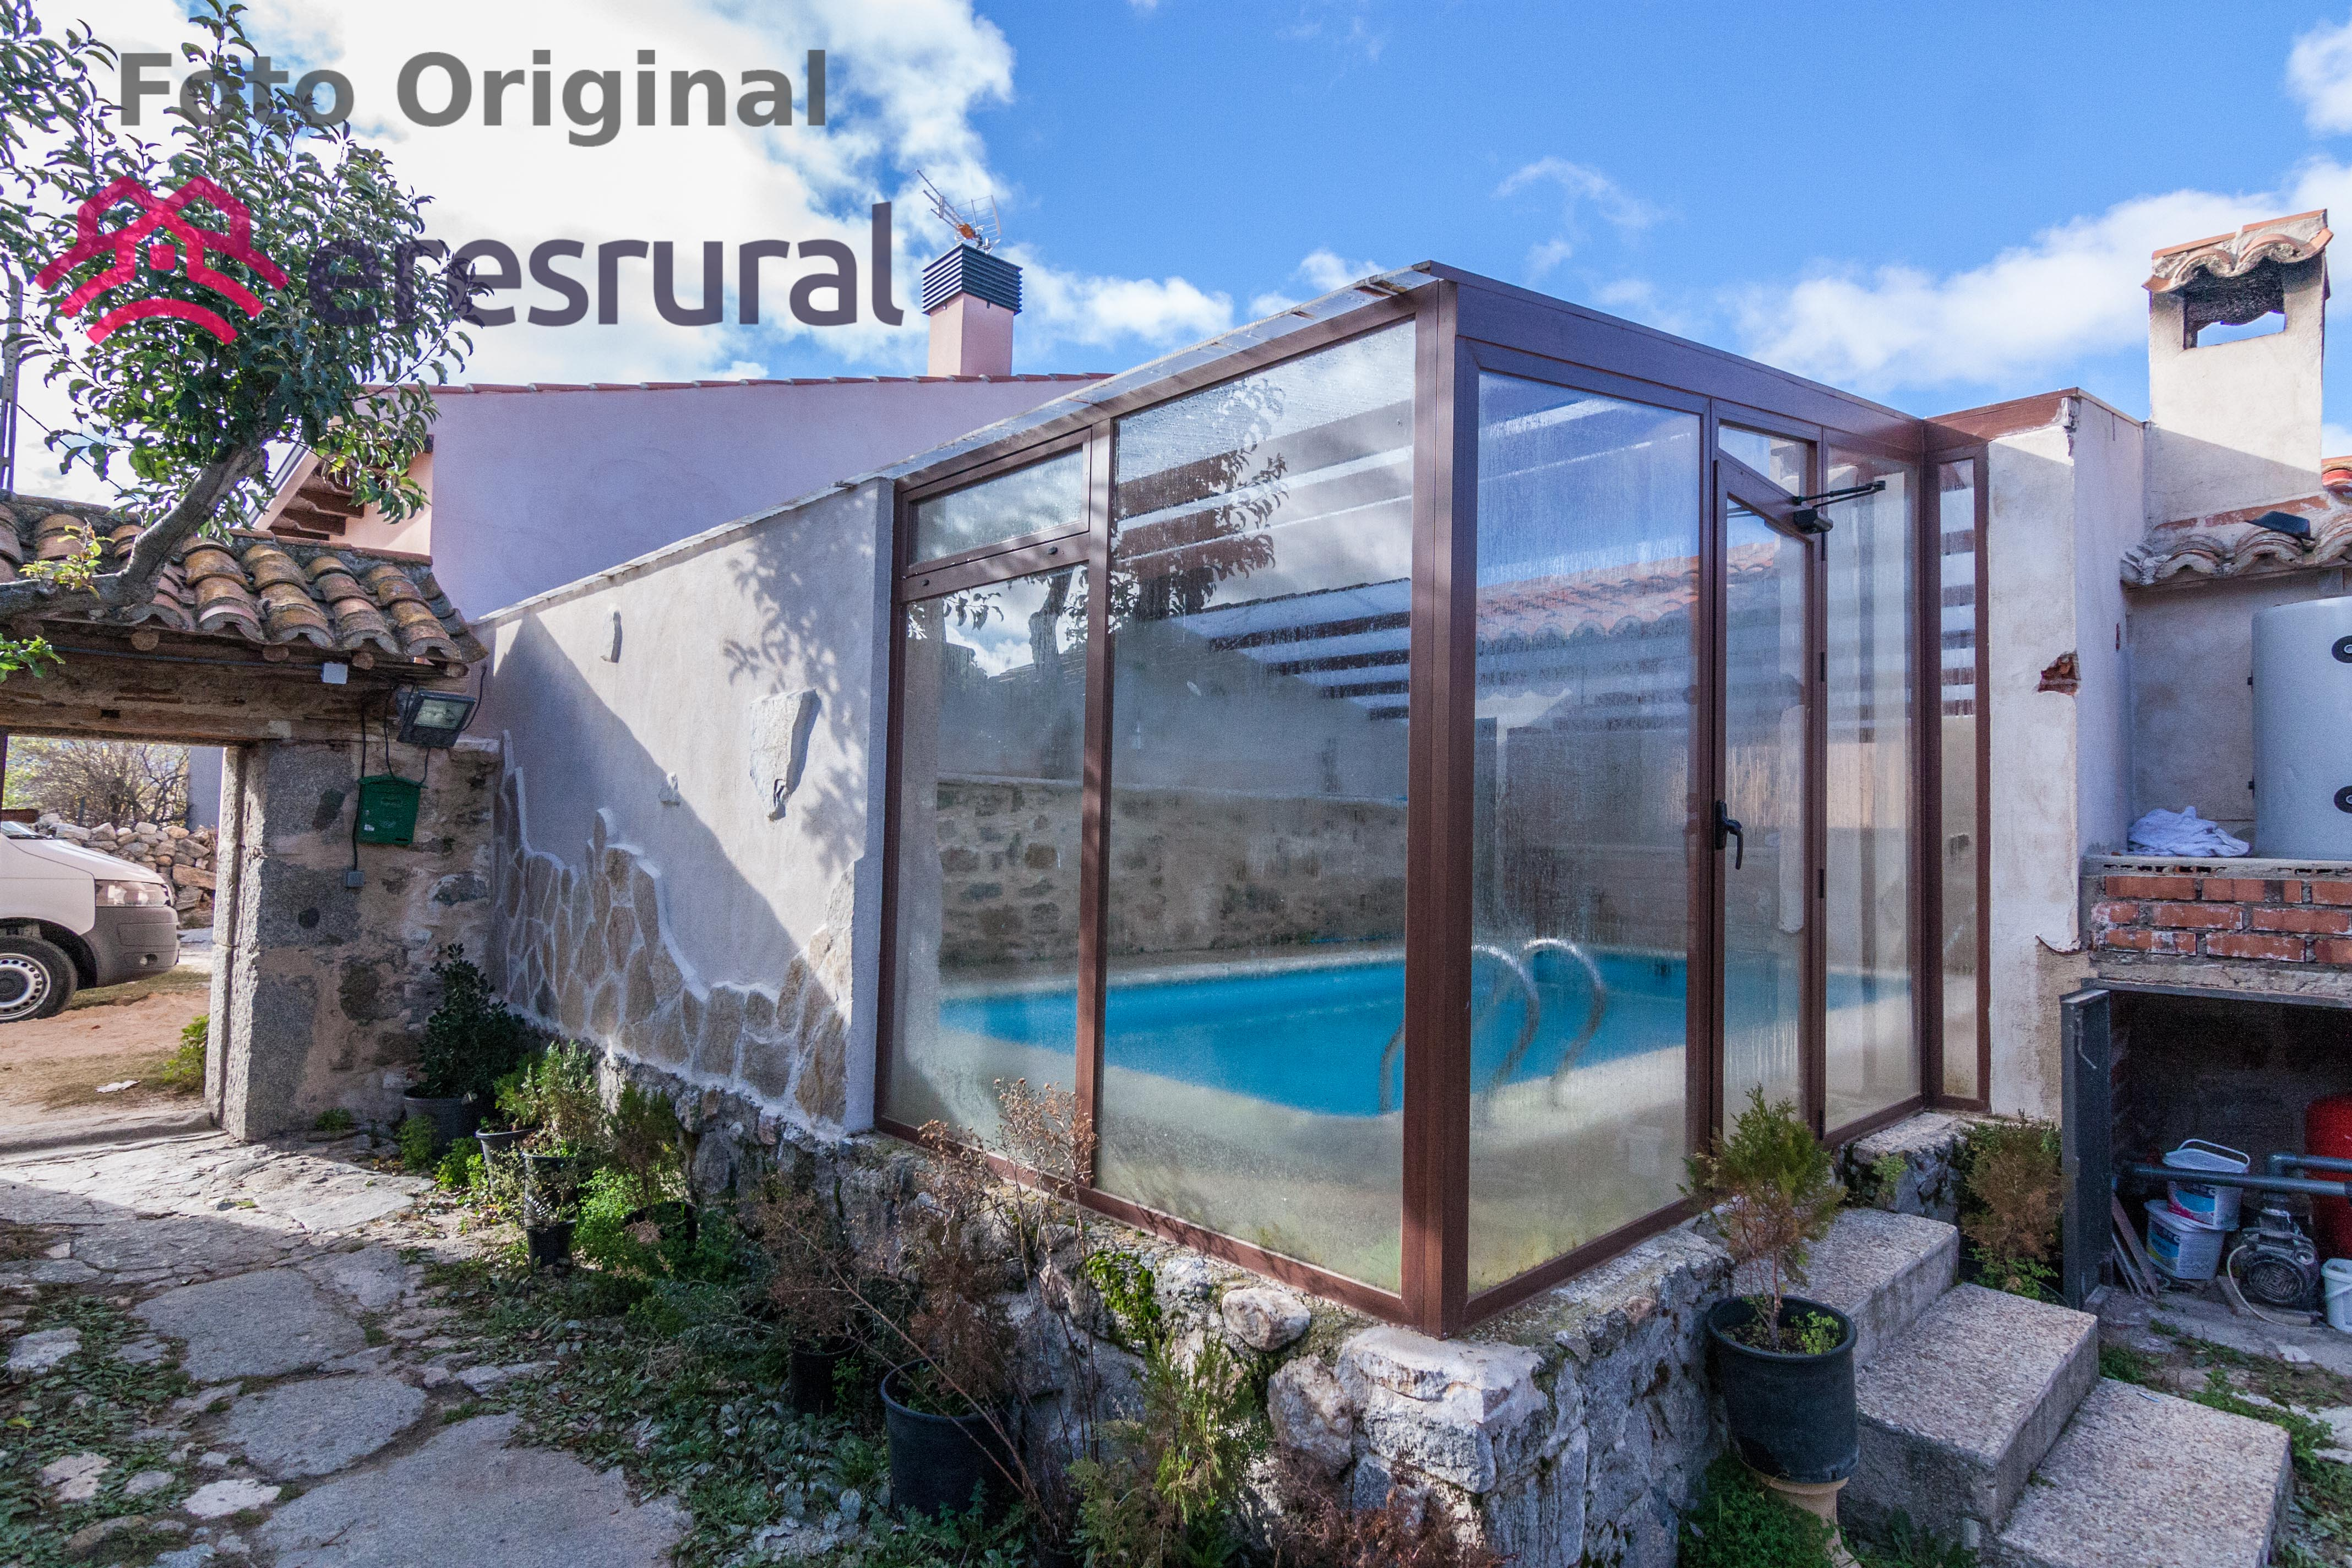 R stica casa rural que cuenta con un porche con barbacoa y - Casa rural con piscina cubierta ...